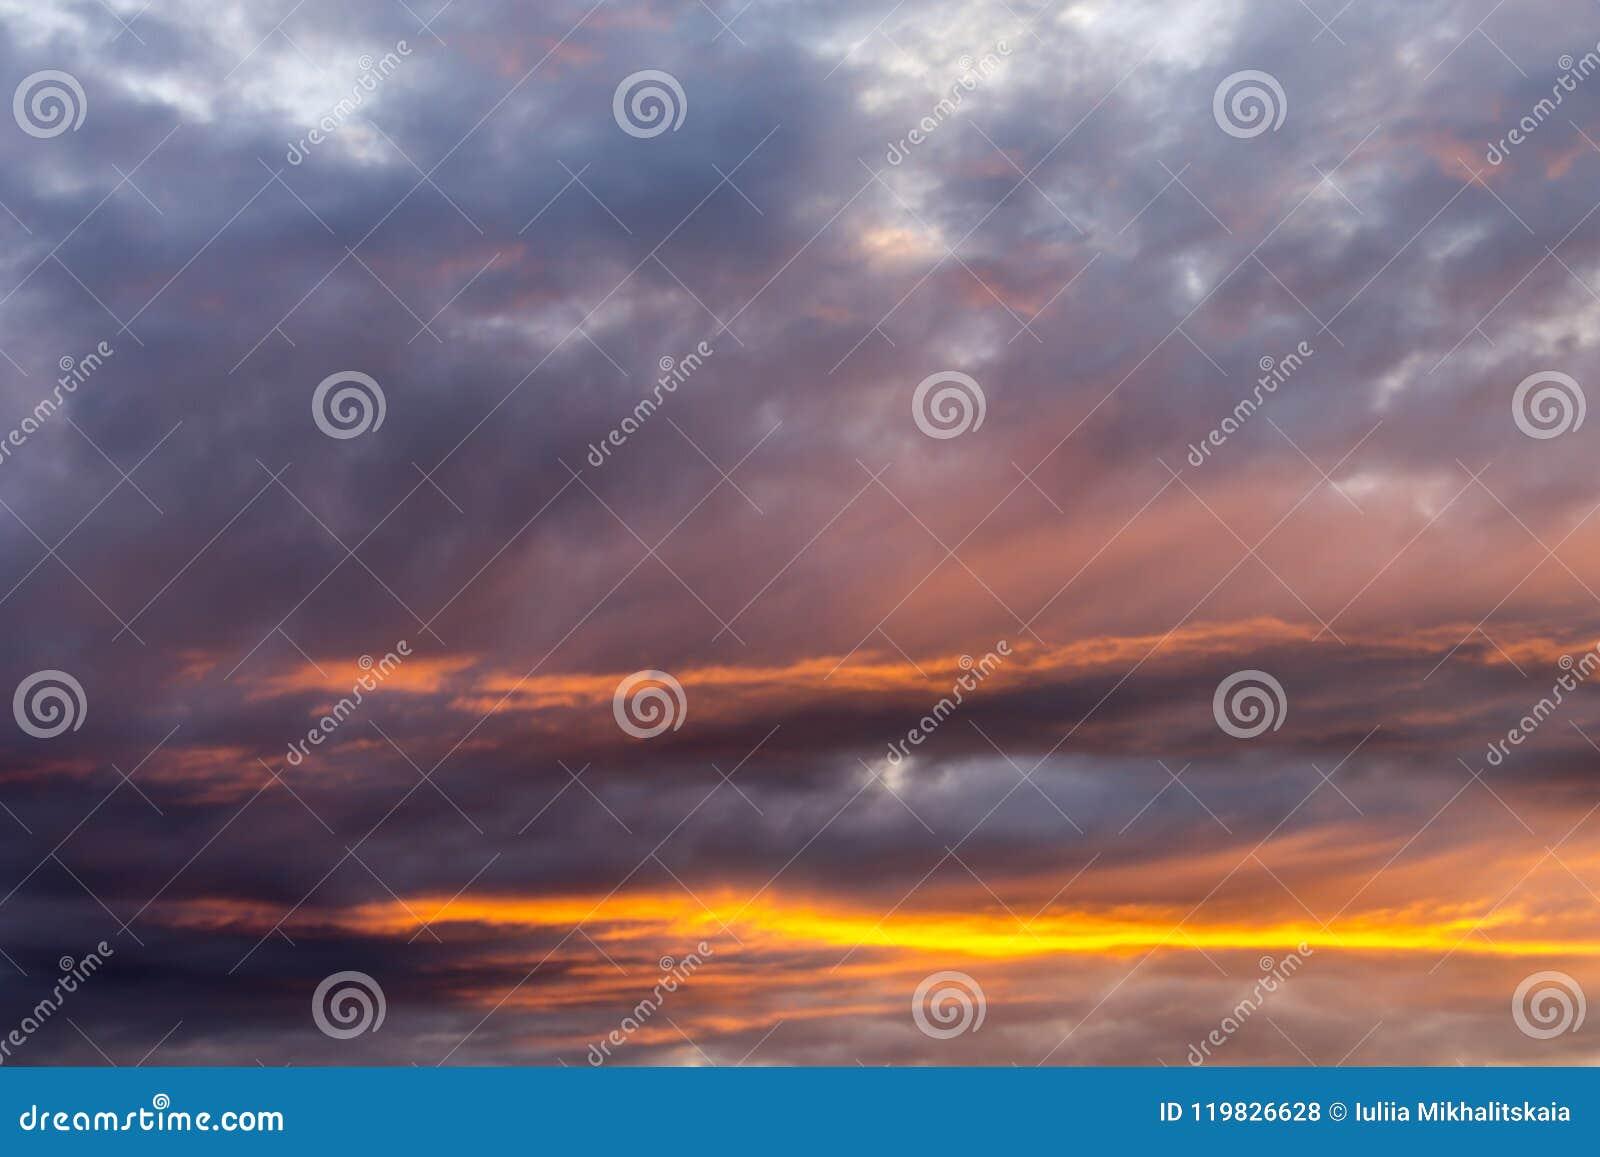 Hemel met grijze en blauwe wolken en rood-oranje hoogtepunt van de Zon, achtergrond